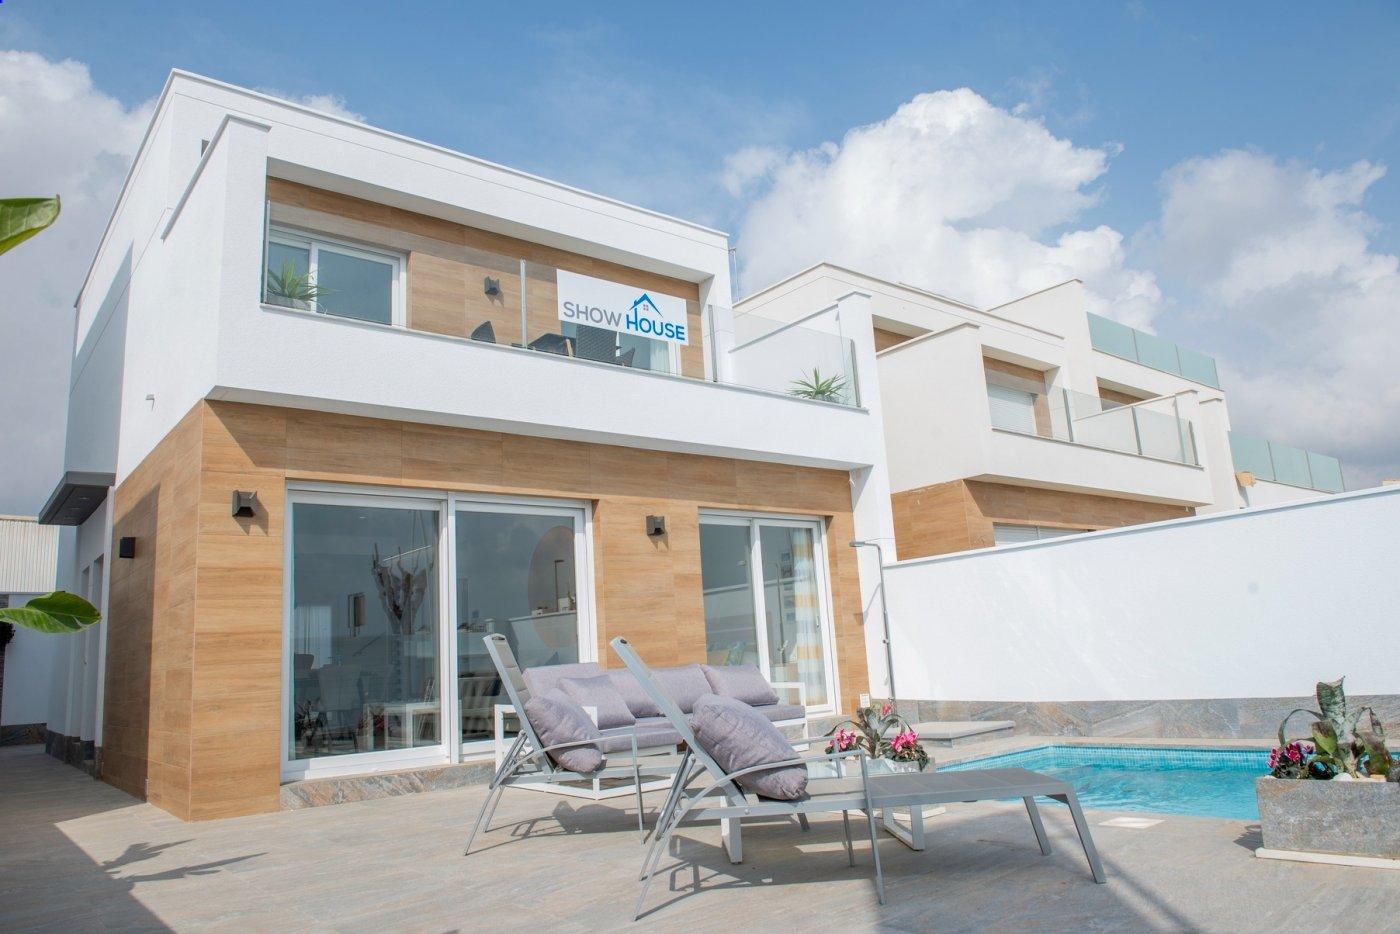 Villas modernas en pilar de horadada - imagenInmueble5